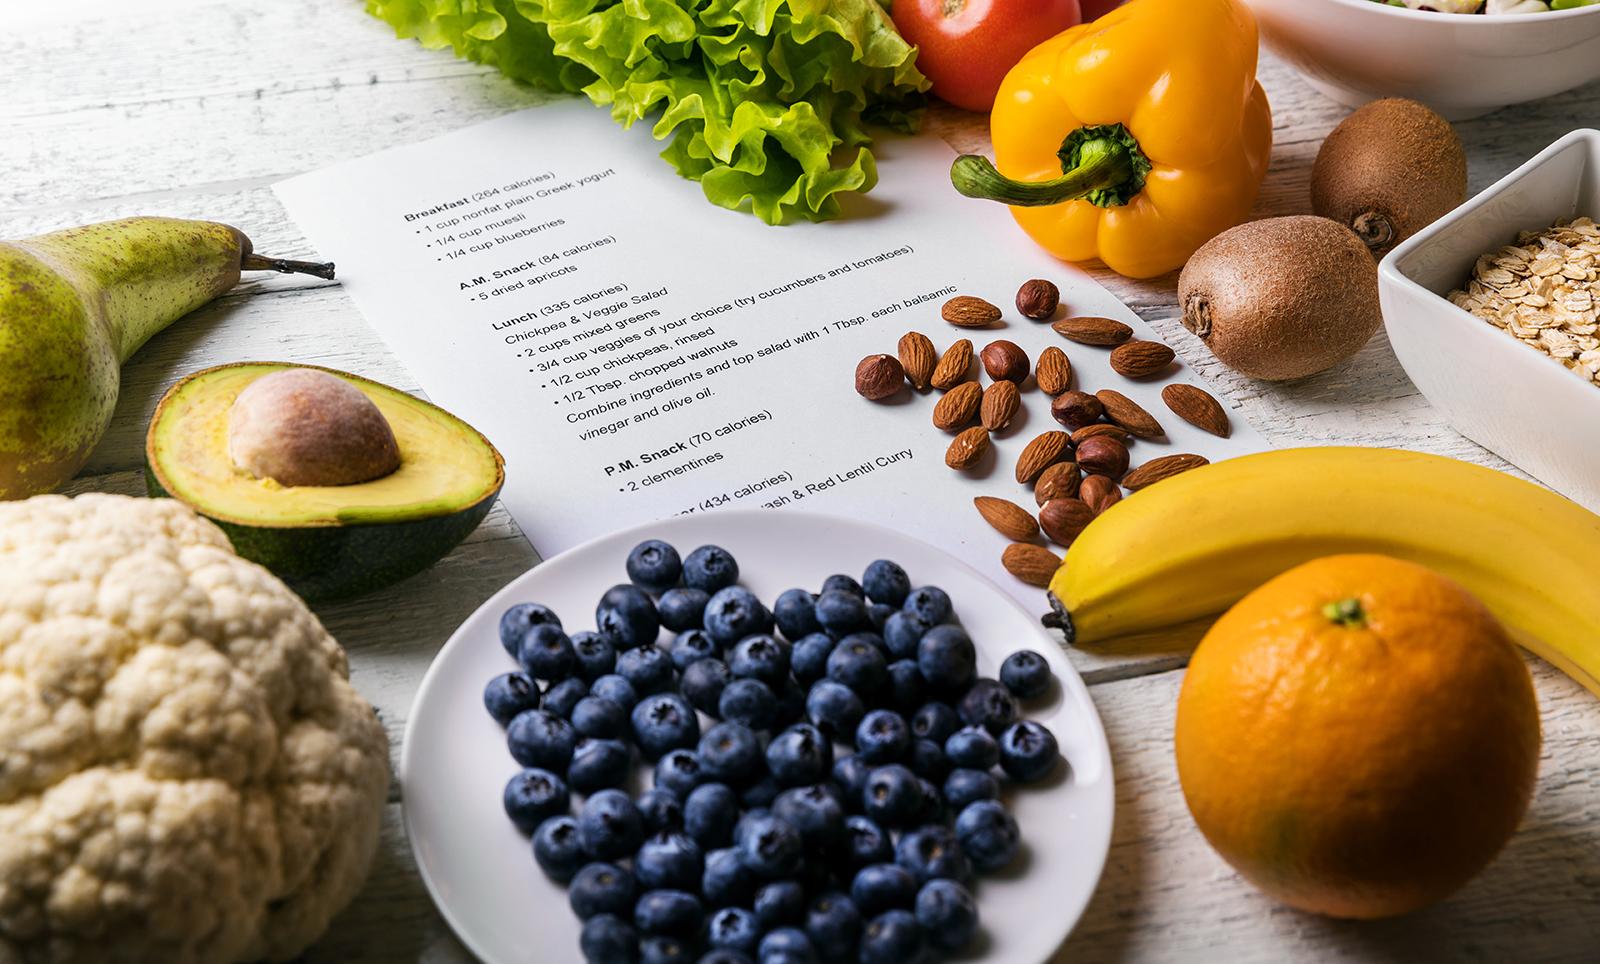 delicous-vegan-food-food-prep-recipe